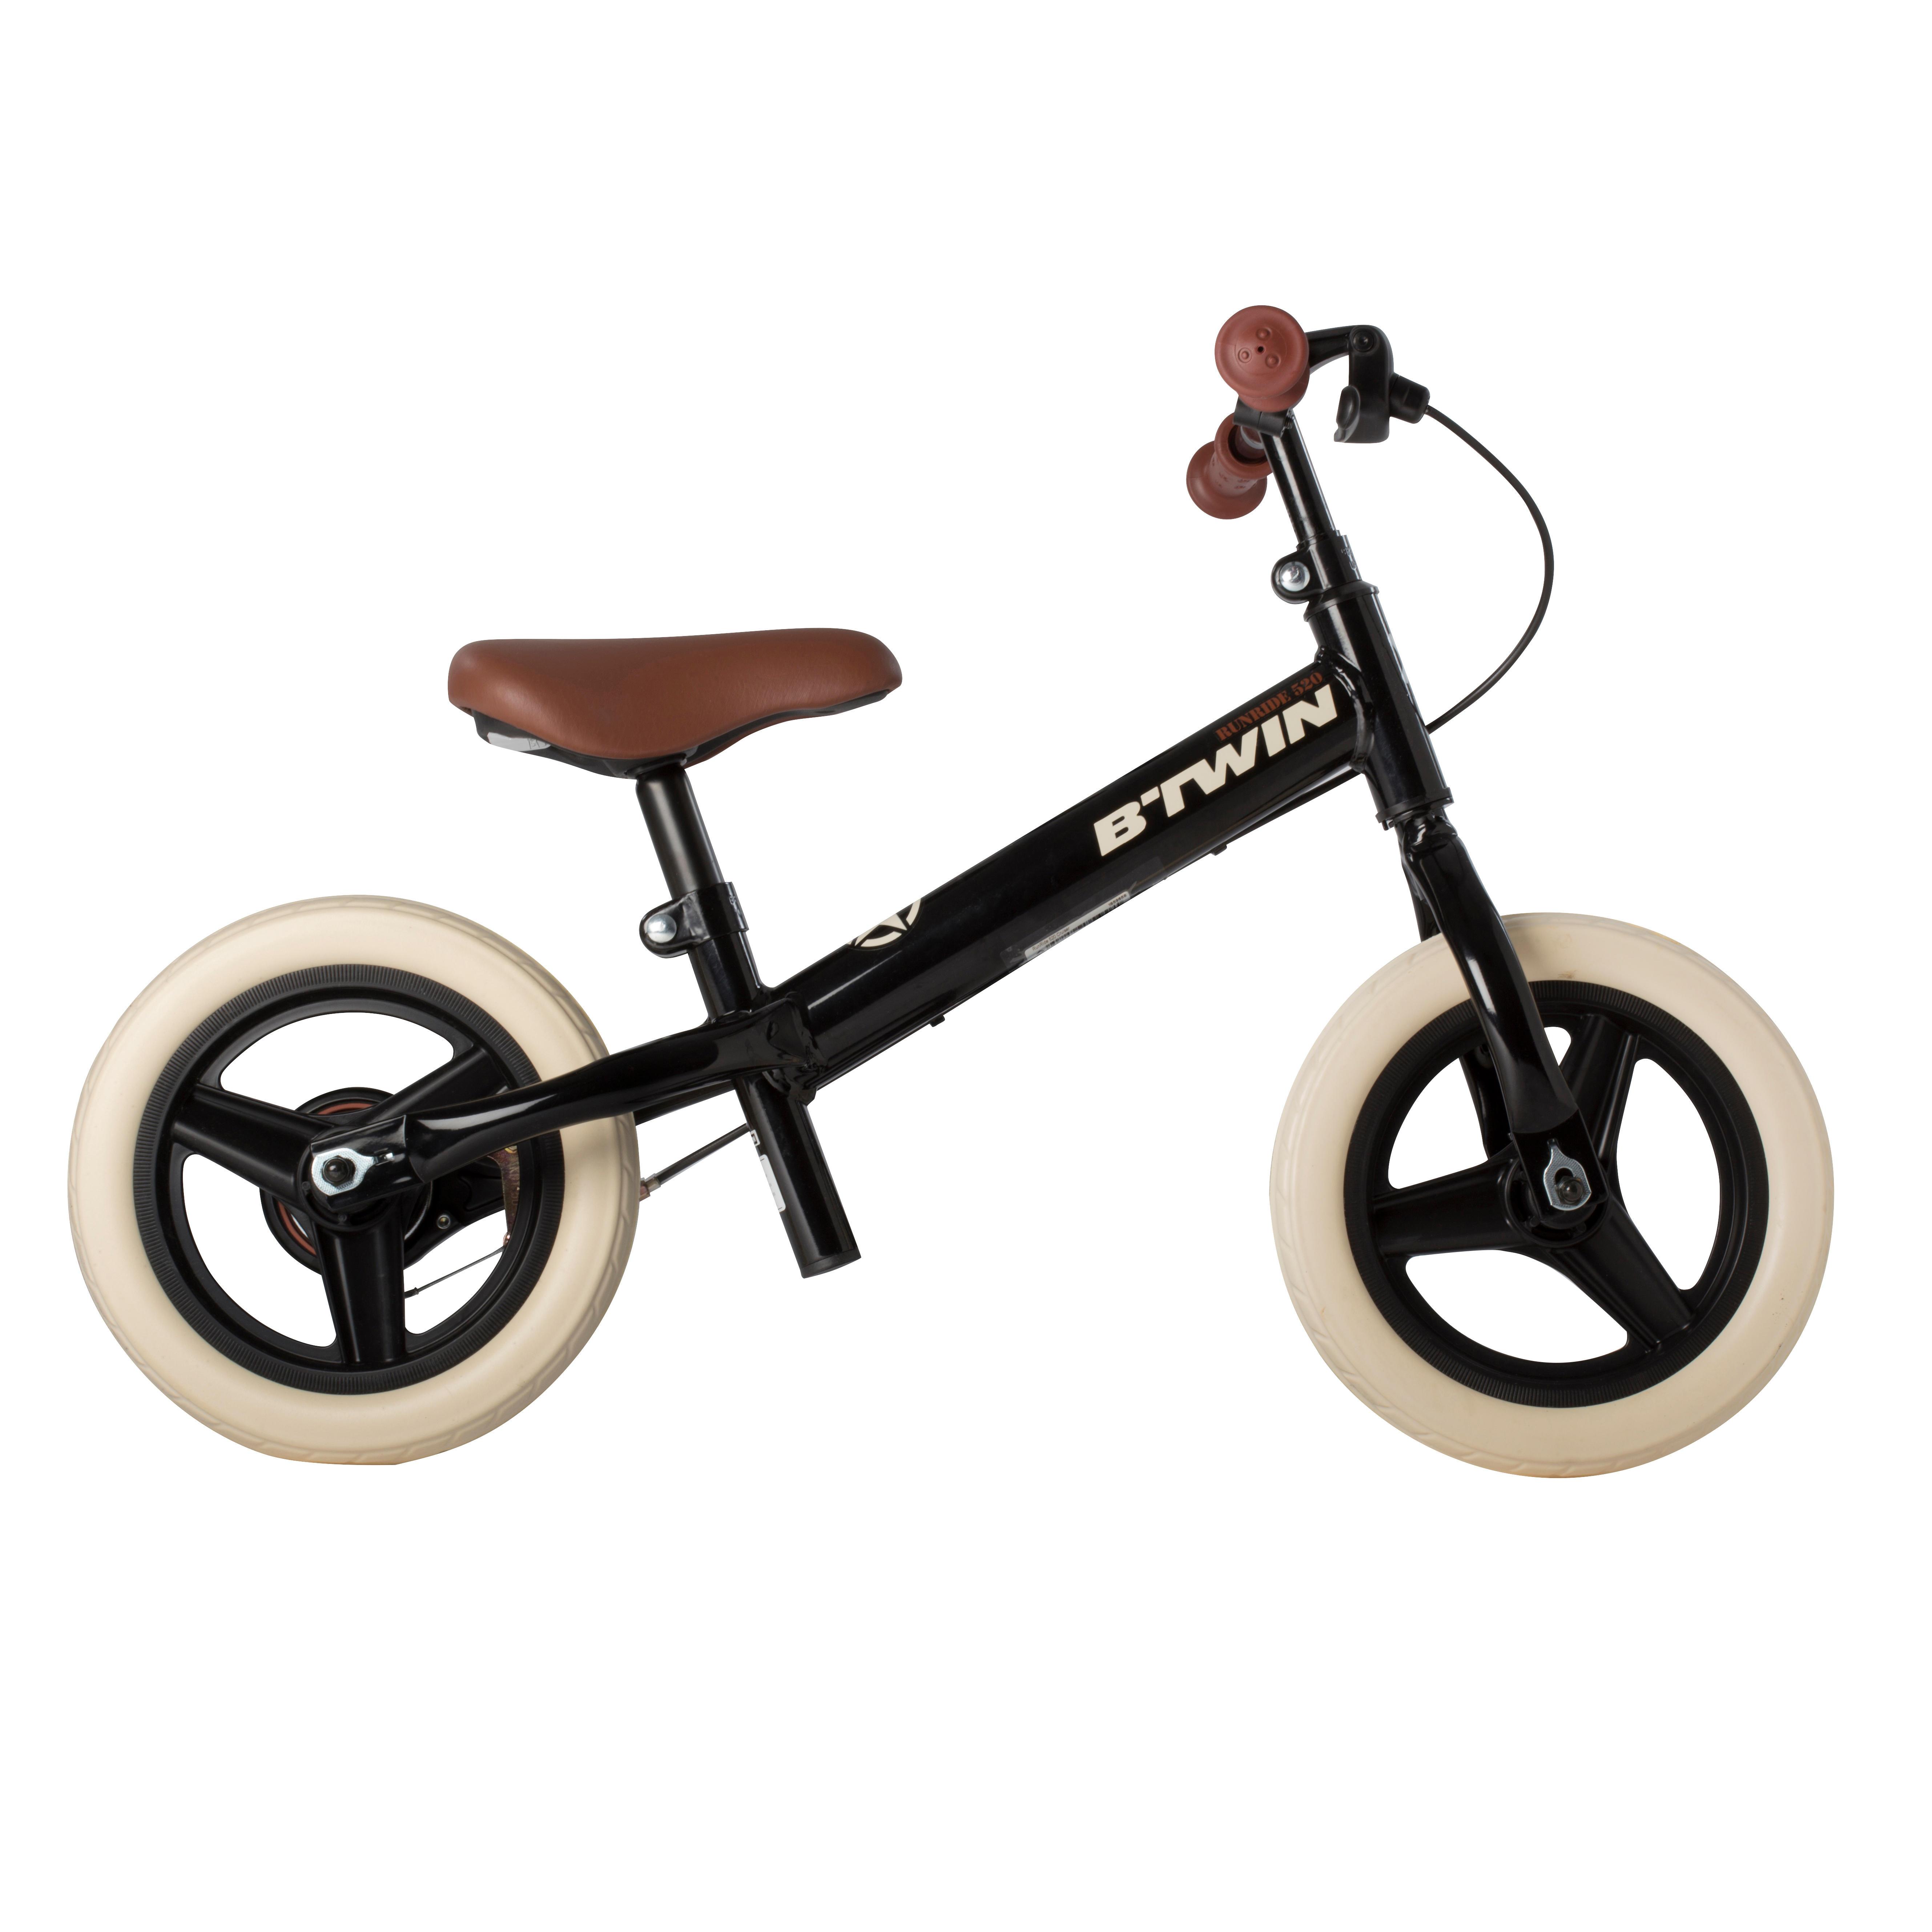 btwin bici senza pedali bambino run ride 520 cruiser nera 10